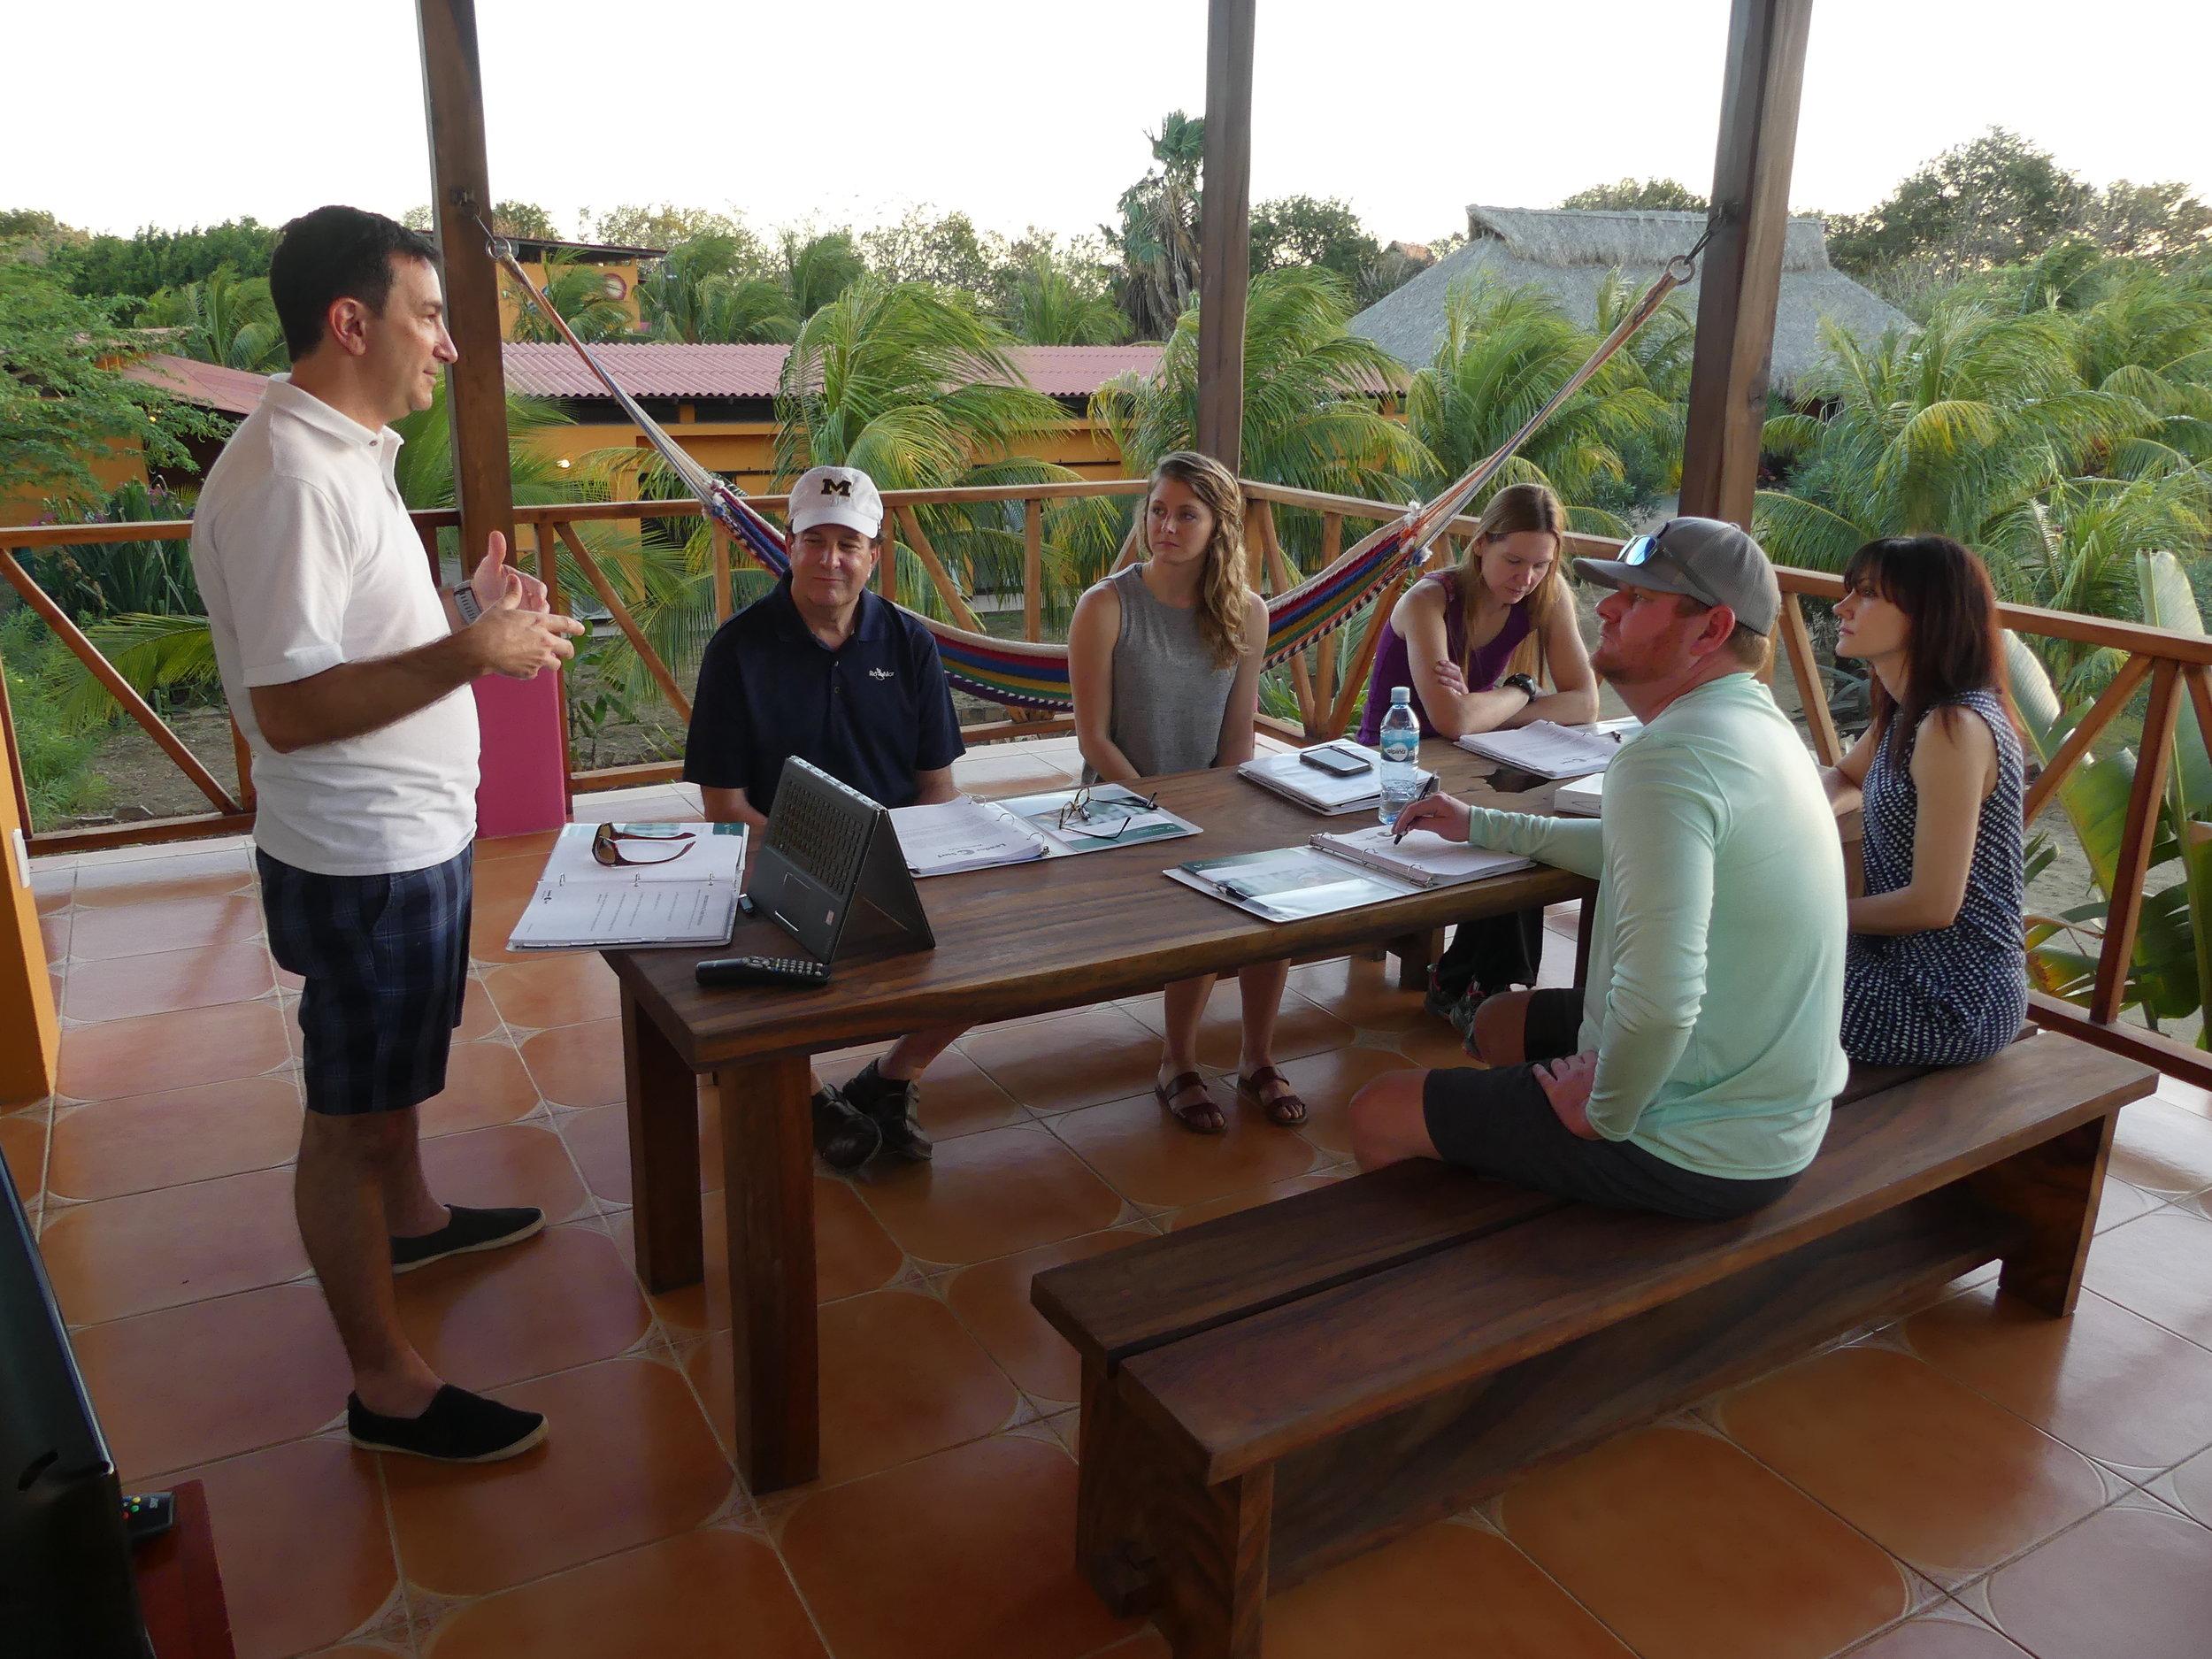 Outdoor Class in Nicaragua